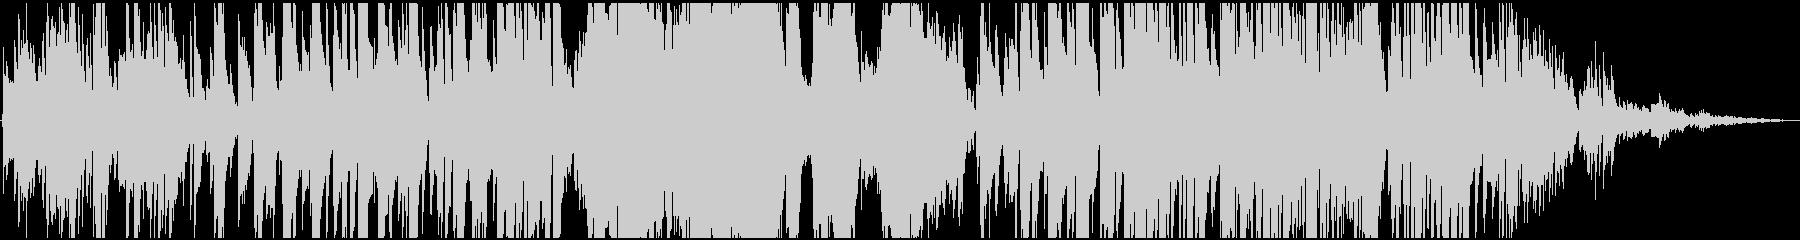 ゆったりながらシリアスな雰囲気のBGMの未再生の波形